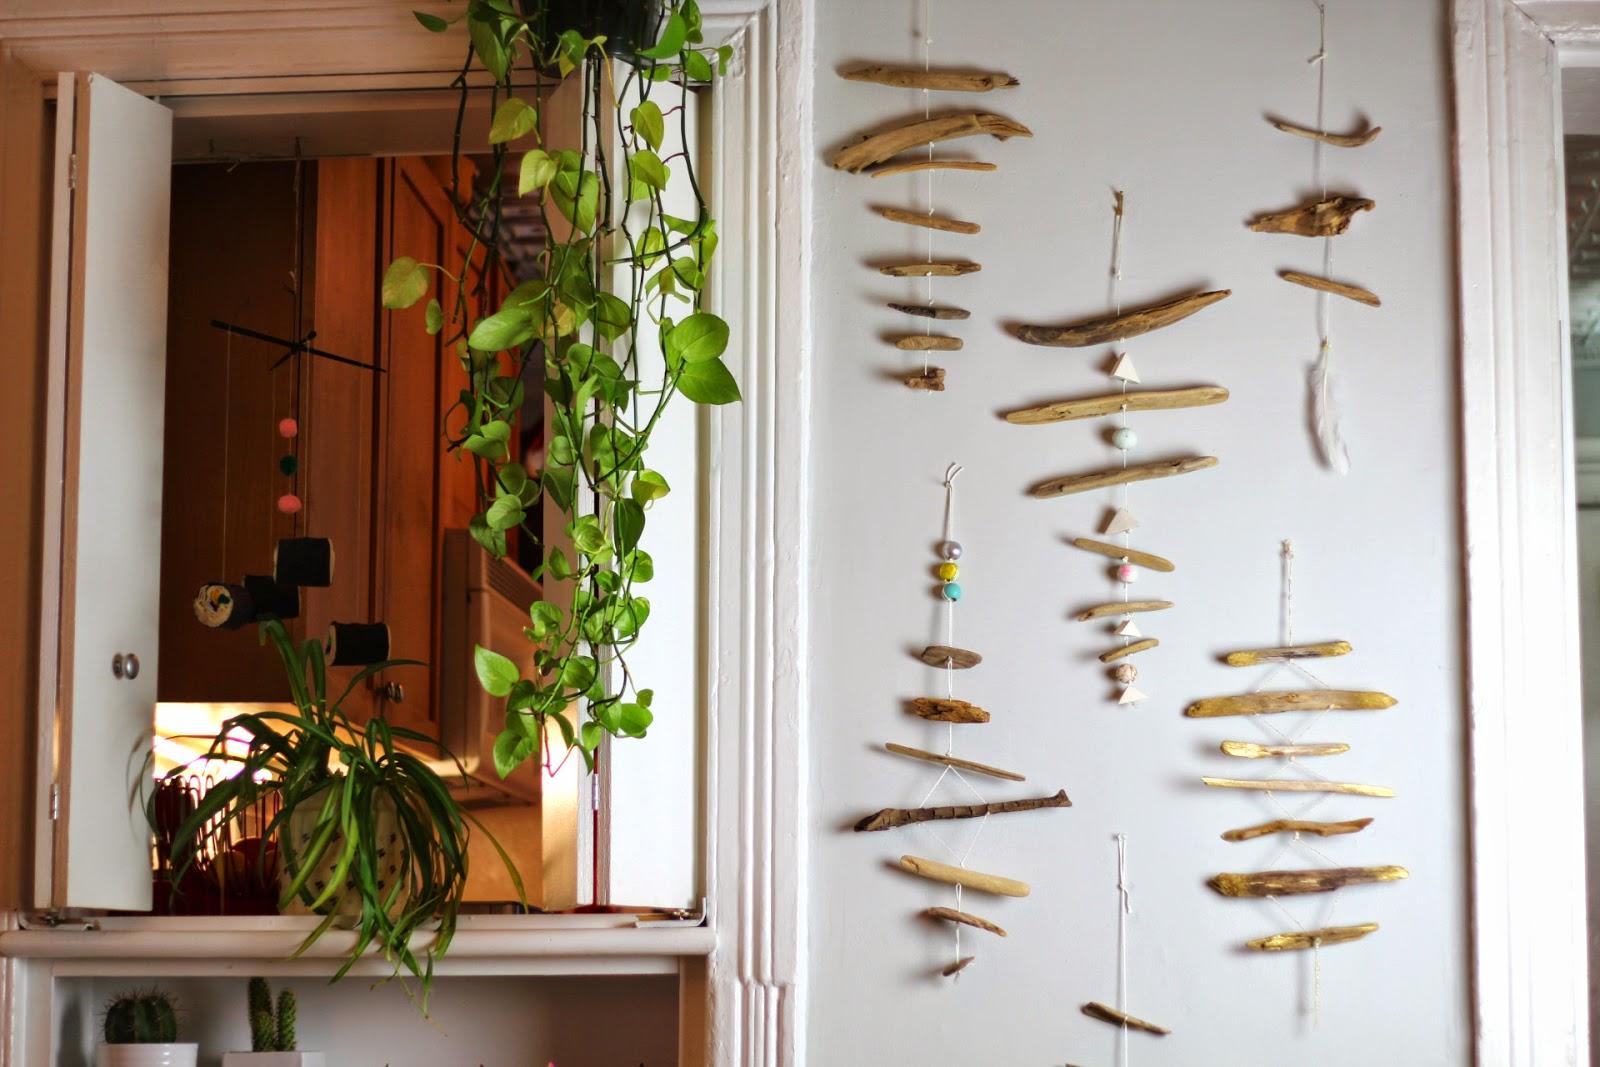 Driftwood Wall Art decosee: driftwood wall art